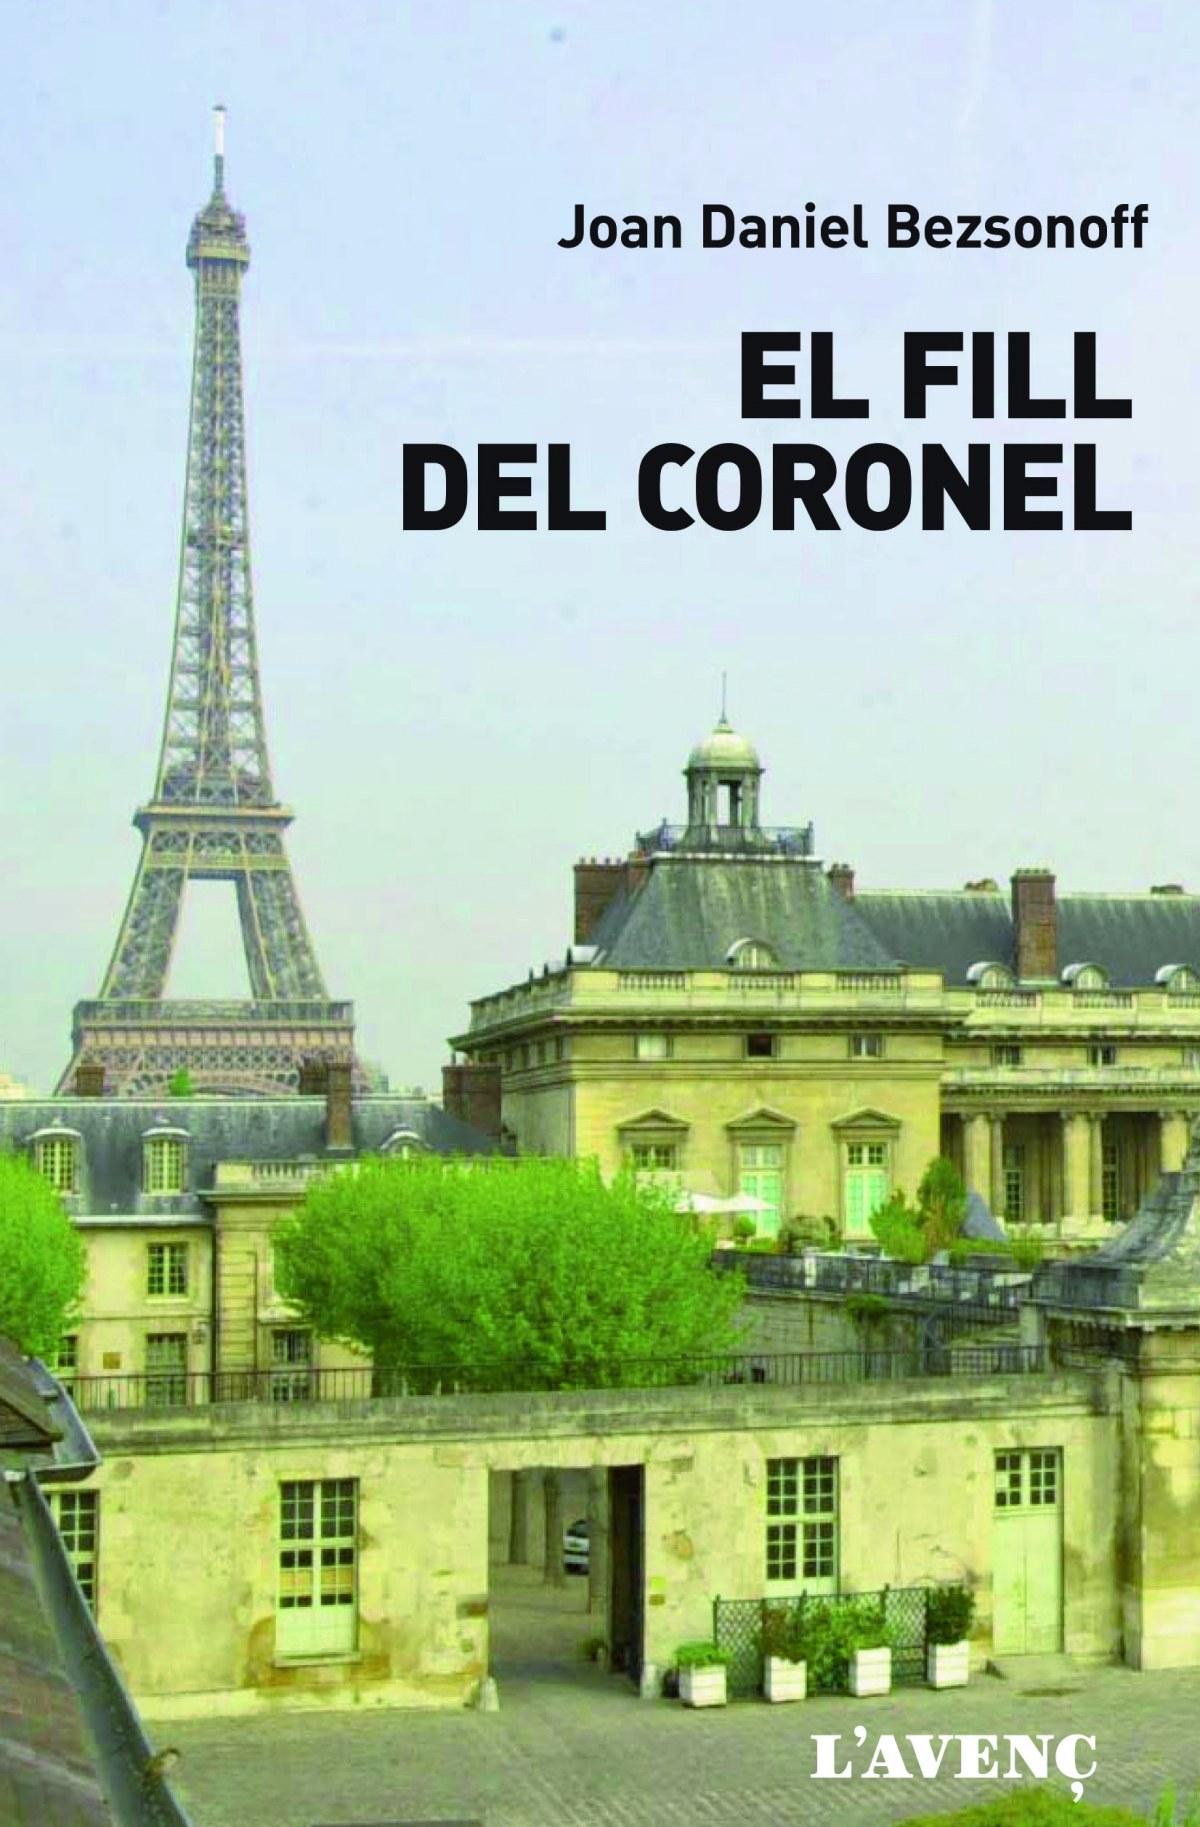 EL FILL DEL CORONEL